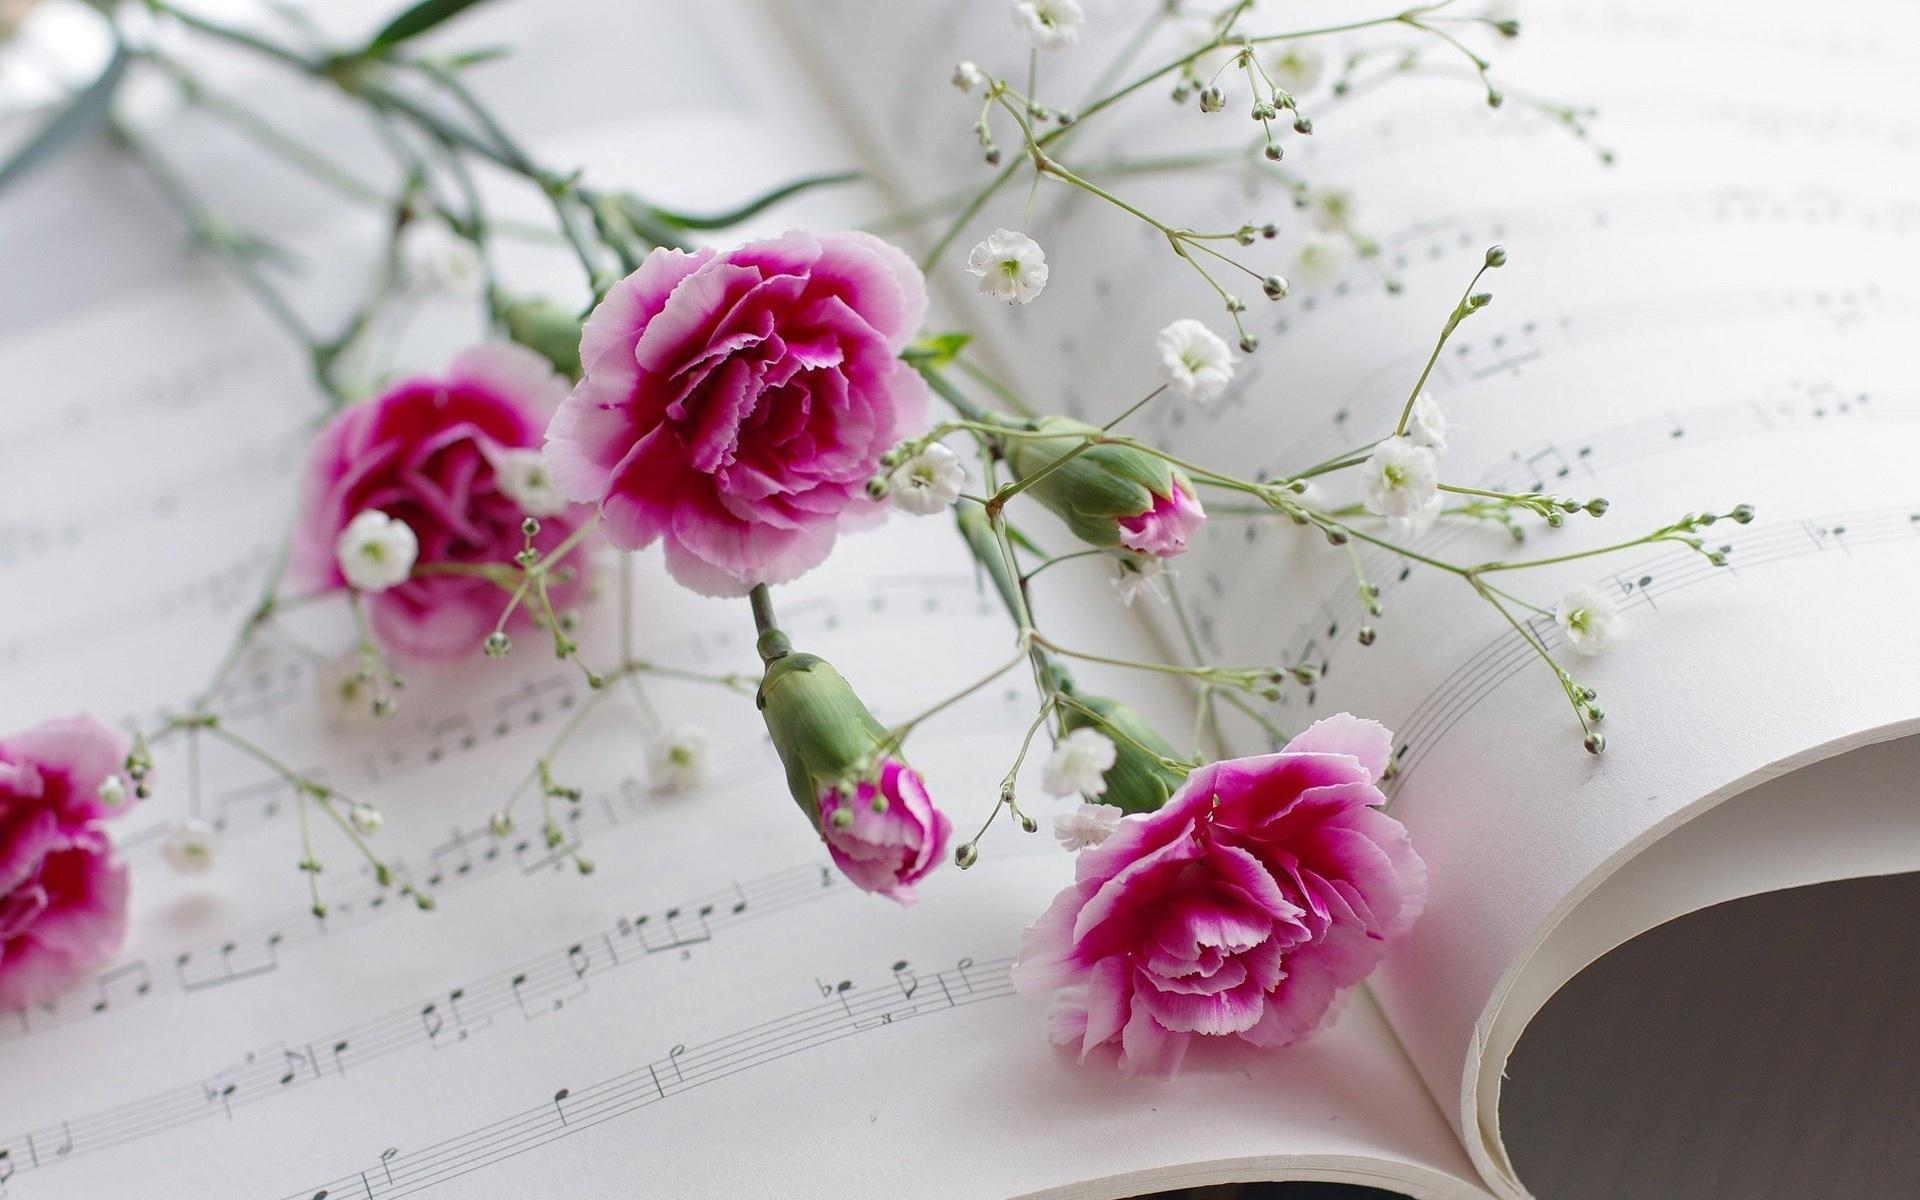 Картинки с цветами обои на рабочий стол с цветами